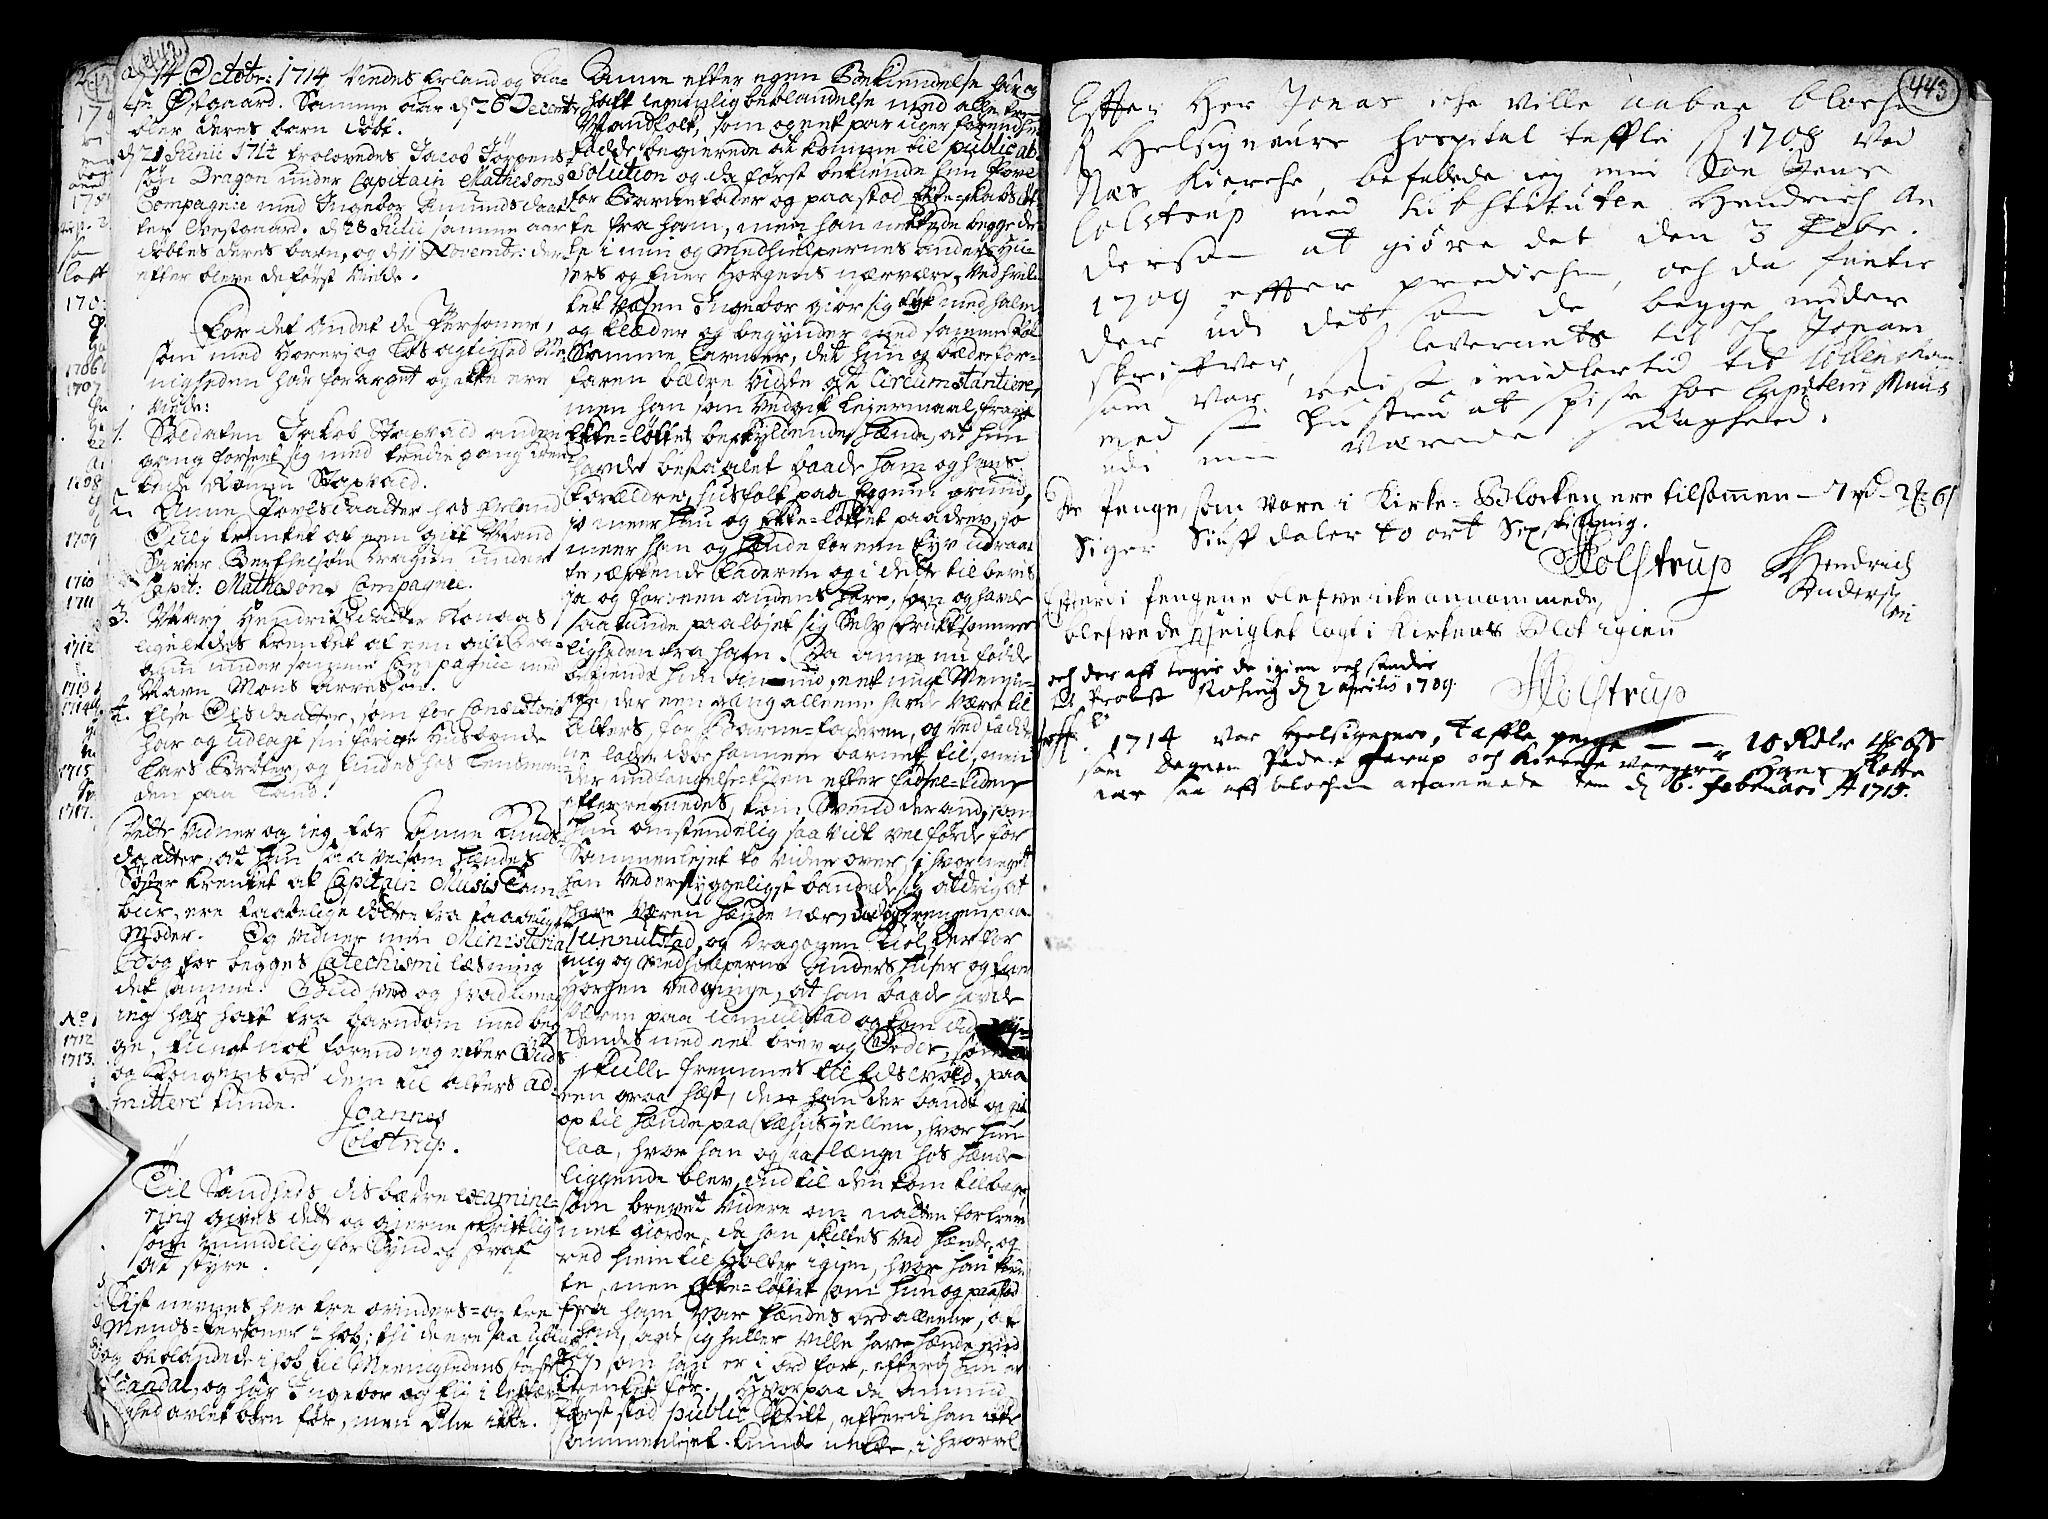 SAO, Nes prestekontor Kirkebøker, F/Fa/L0001: Ministerialbok nr. I 1, 1689-1716, s. 442